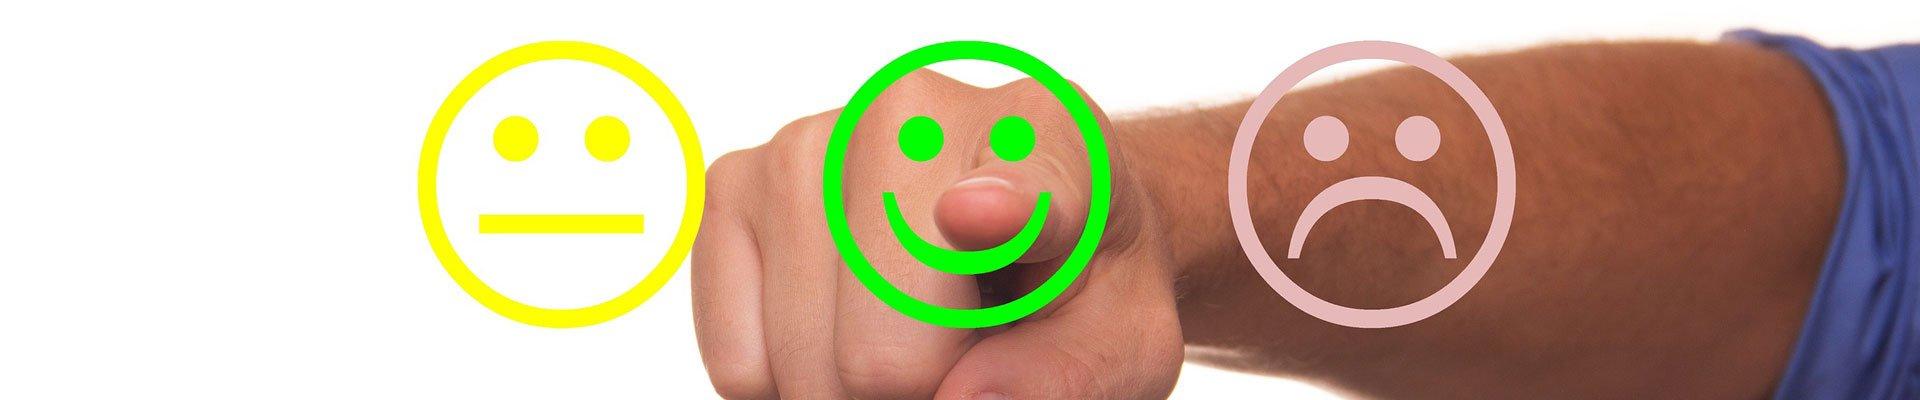 Finger klickt auf Buttons